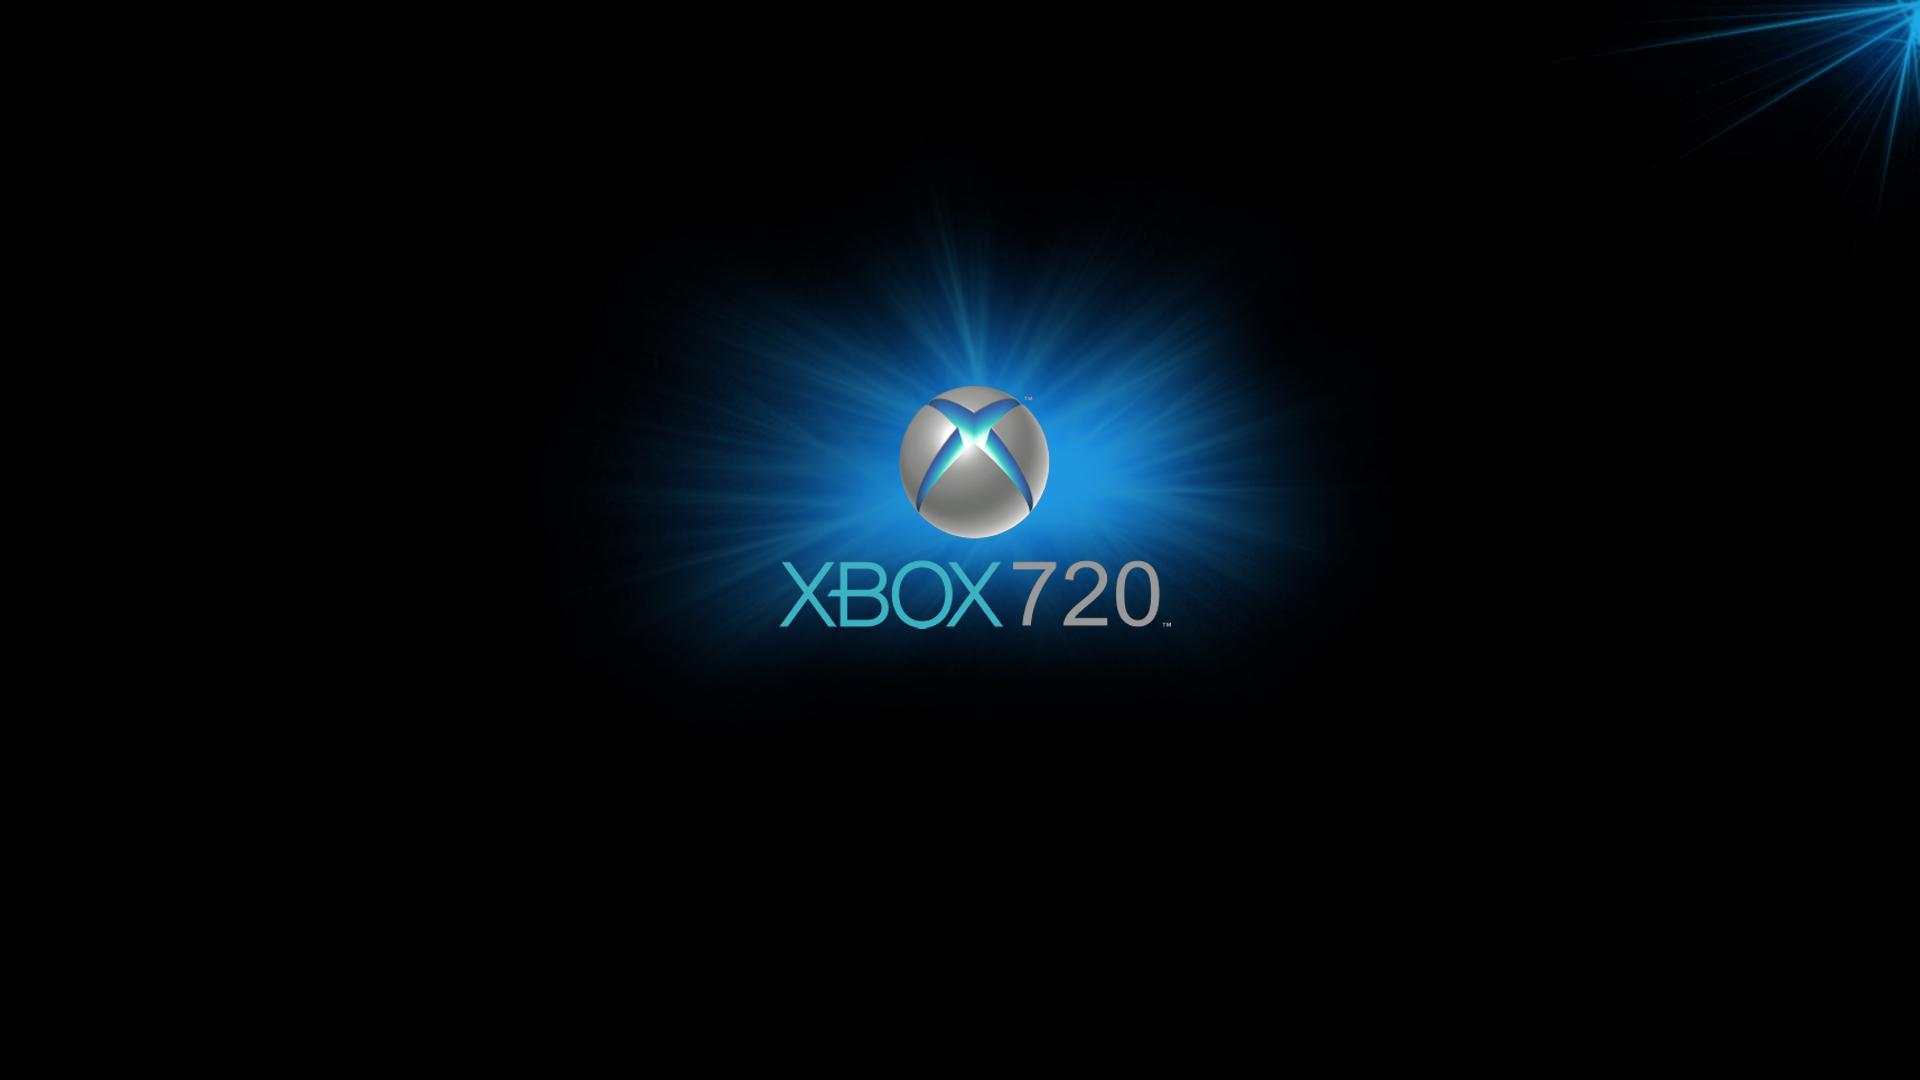 Más rumores sobre la Xbox 720 apuntan a dos procesadores en paralelo [Fakin' Hype]